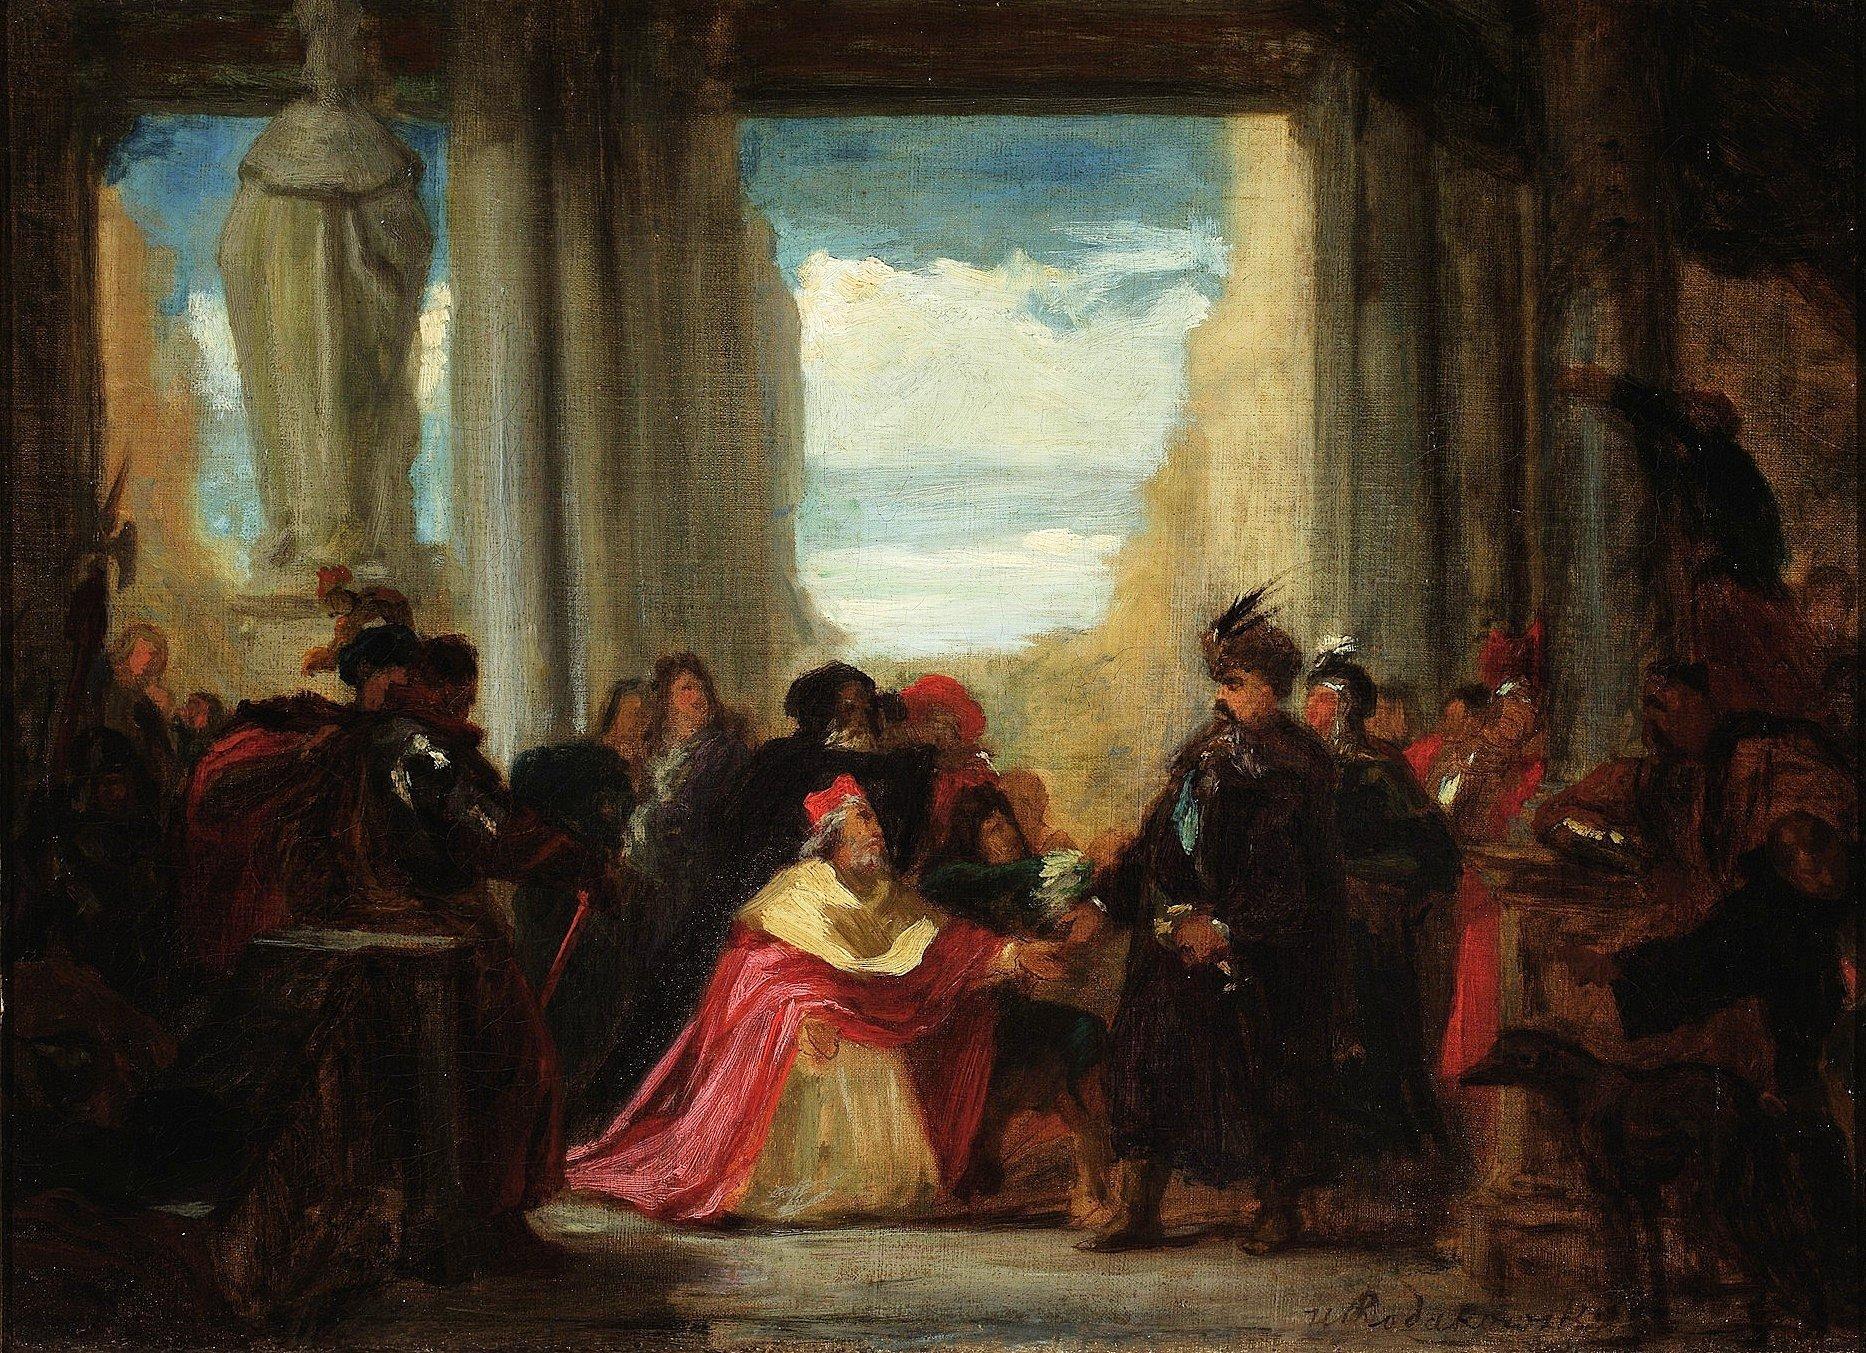 Posłowie papiescy icesarscy błagają Jana III Sobieskiego opomoc dla Wiednia Na obraziewidzimyposłów cesarskich ipapieskich, błagającychkróla polskiego Jana III Sobieskiego opomoc dla zagrożonego chrześcijaństwa. Wgrupie klęczących postaci zlewej strony kardynał inuncjusz papieski Obizzo Pallavicino, obok niego wperuce hrabia Heinrich von Wilczek, za nimi stoi kapucyn ikaznodzieja Marco d'Aviano, obok Jana III widoczny jego syn Jakub Sobieski. Źródło: Henryk Rodakowski, Posłowie papiescy icesarscy błagają Jana III Sobieskiego opomoc dla Wiednia, ok. 1860 r., olej na płótnie, Muzeum Narodowe wWarszawie.